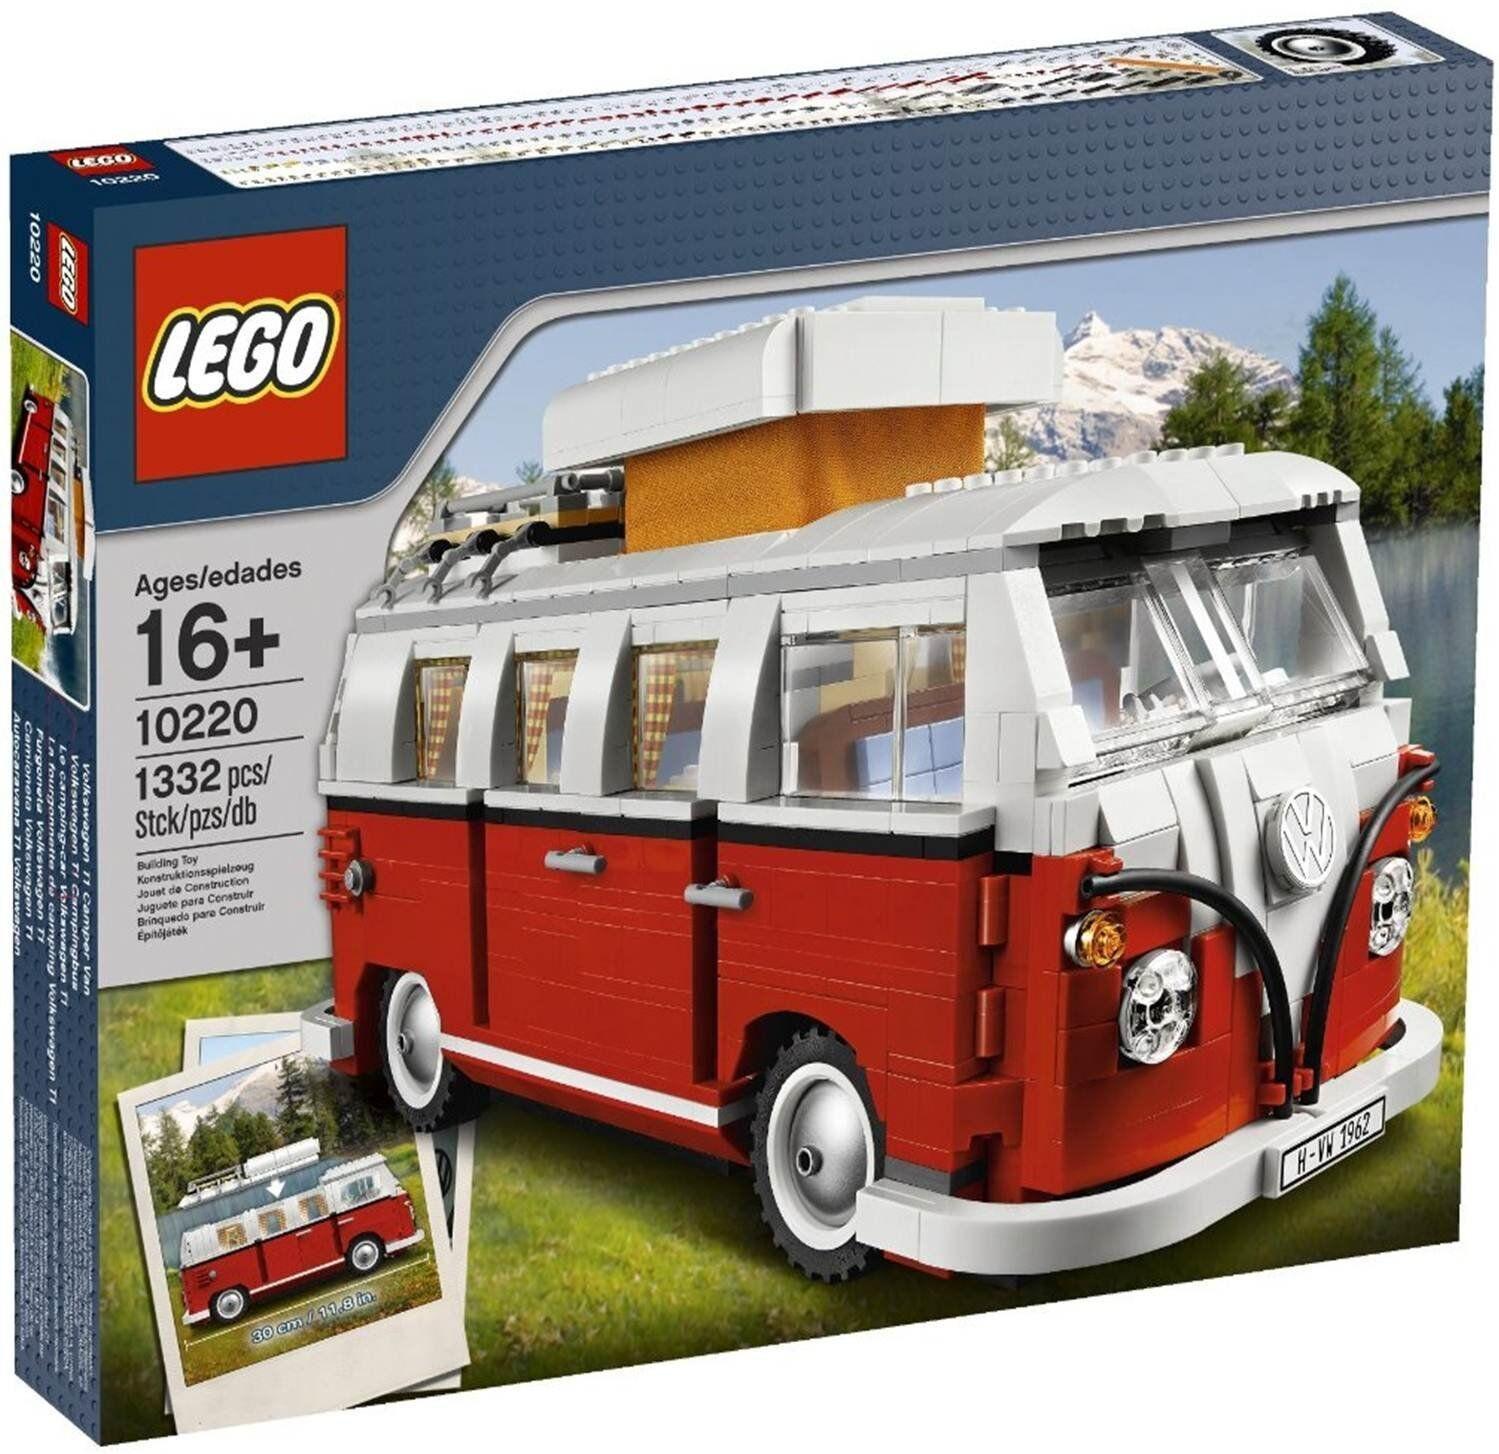 LEGO 10220 - Volkswagen T1 Camper Van  - CONFEZIONE PERFETTA PER COLLEZIONISTI  disegni esclusivi